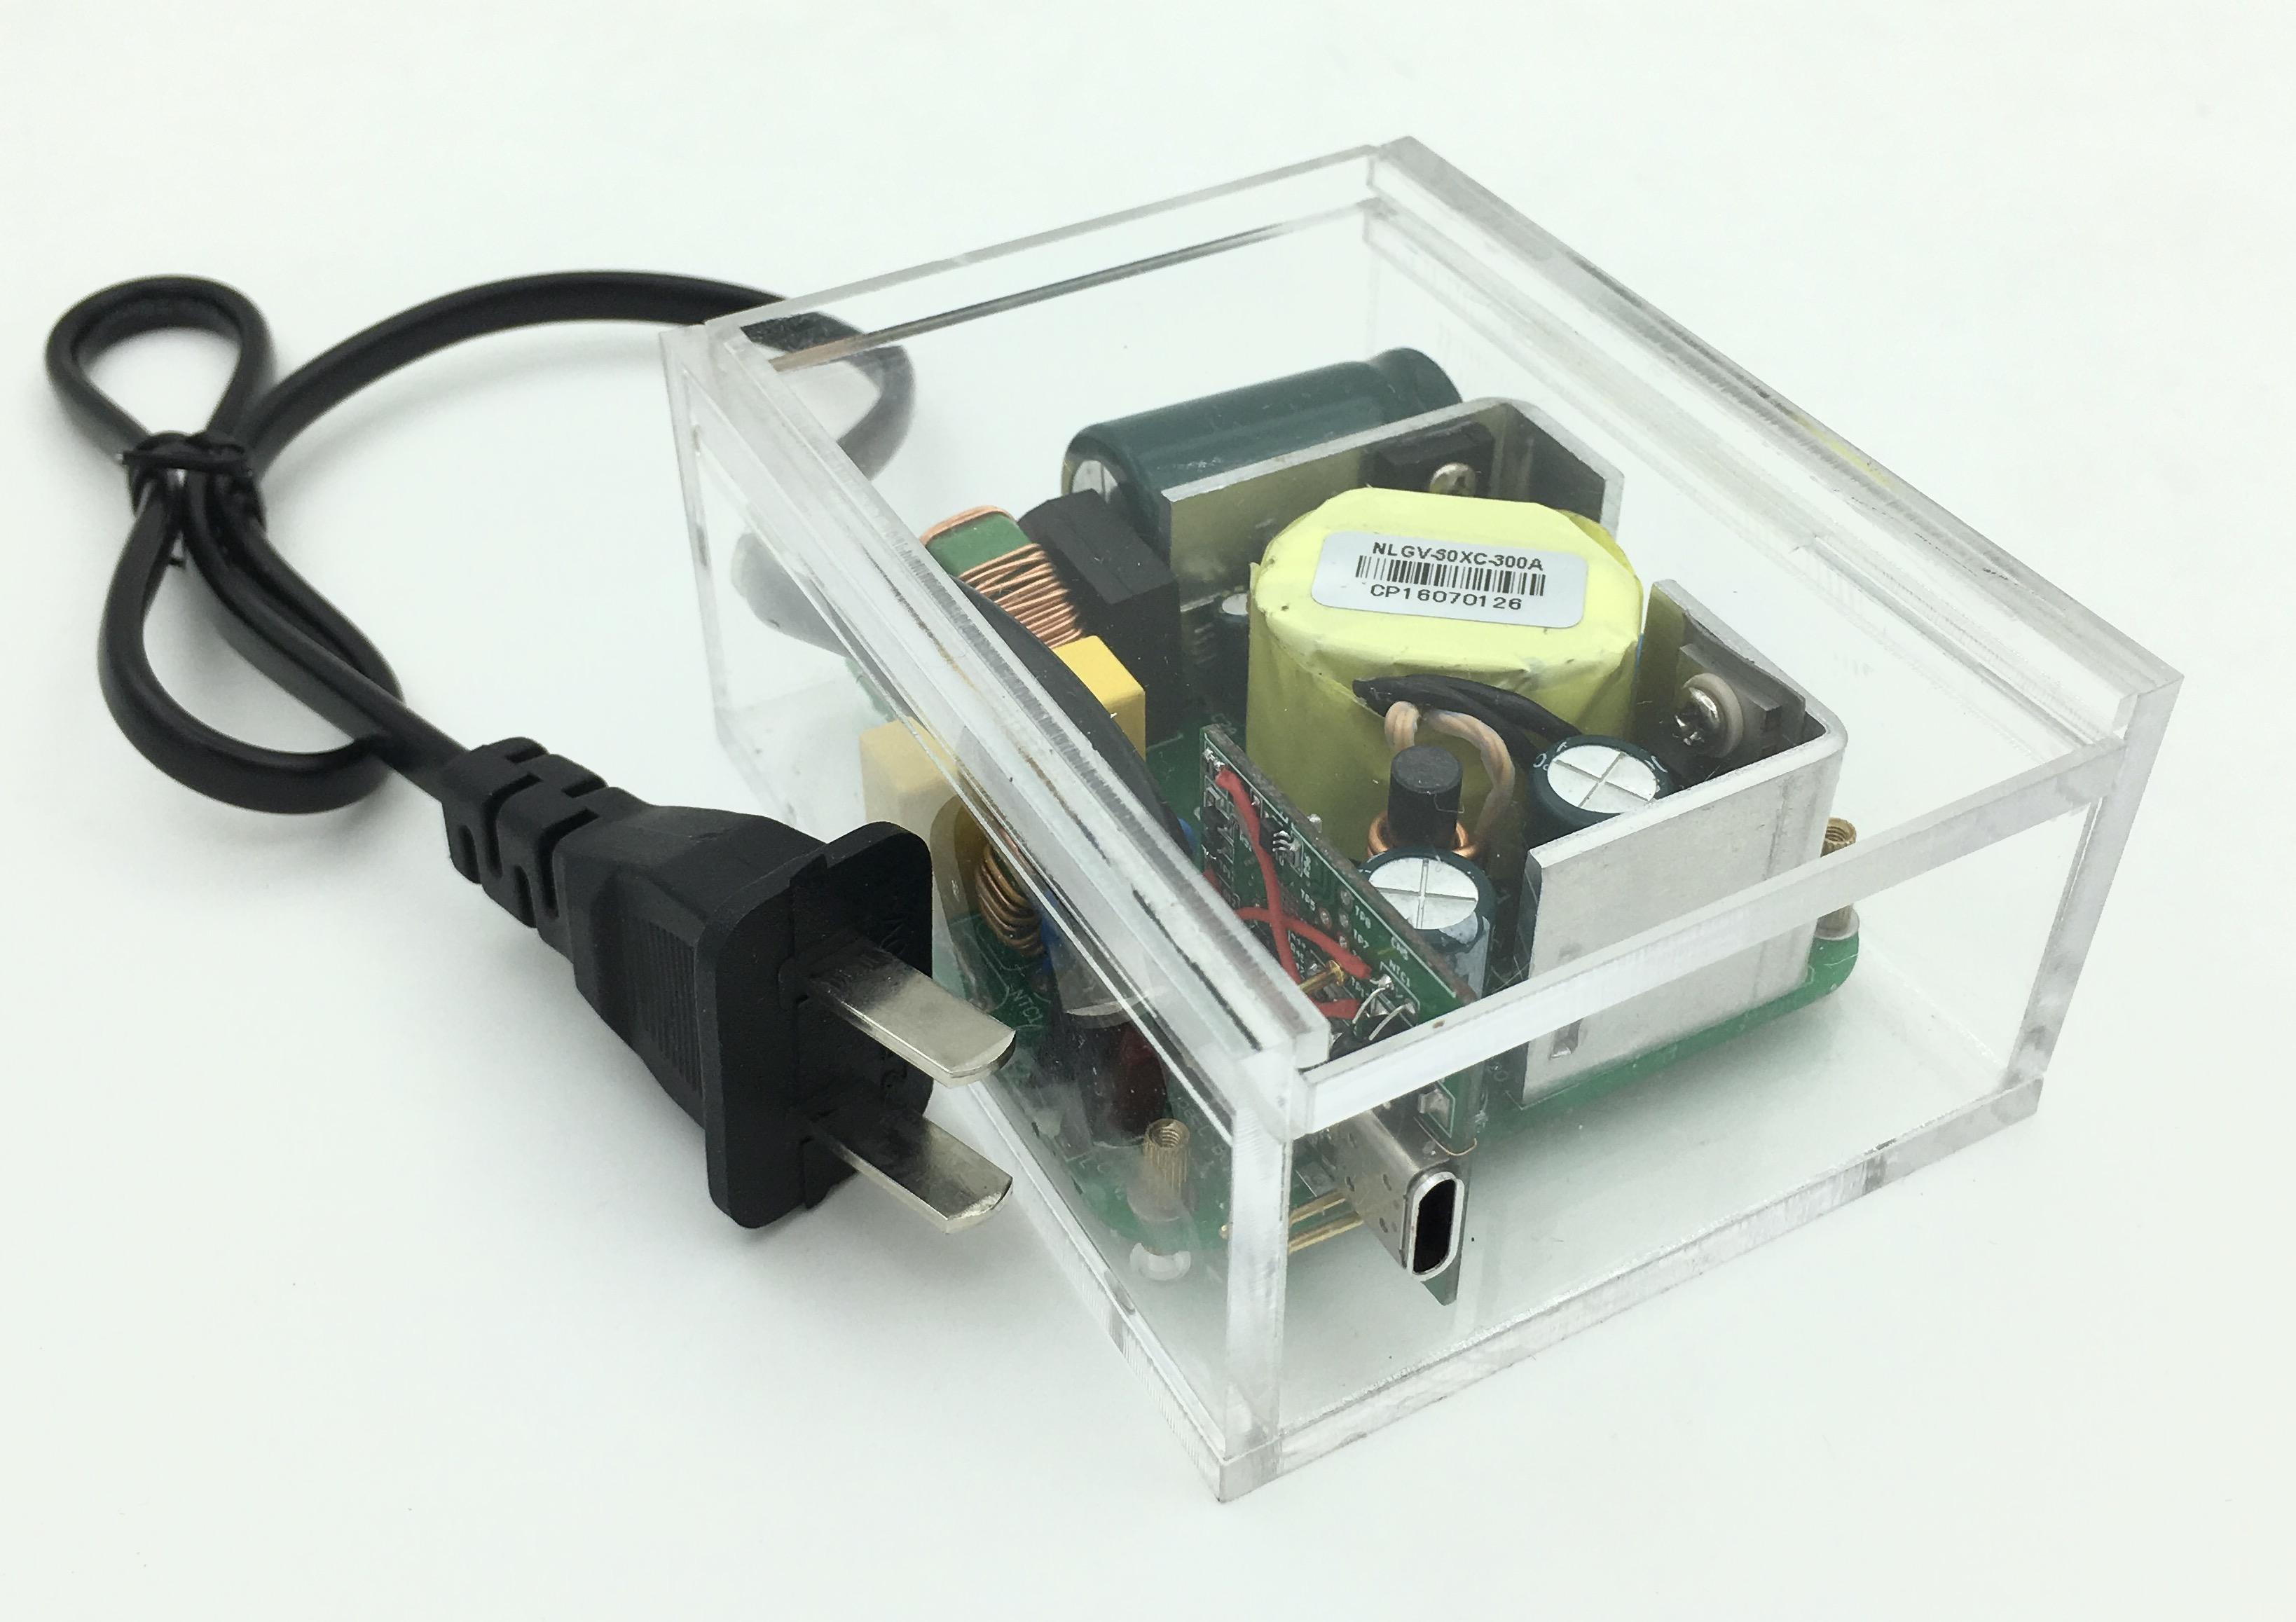 安富利推出全新电源适配器解决方案,支持USB PD 3.0